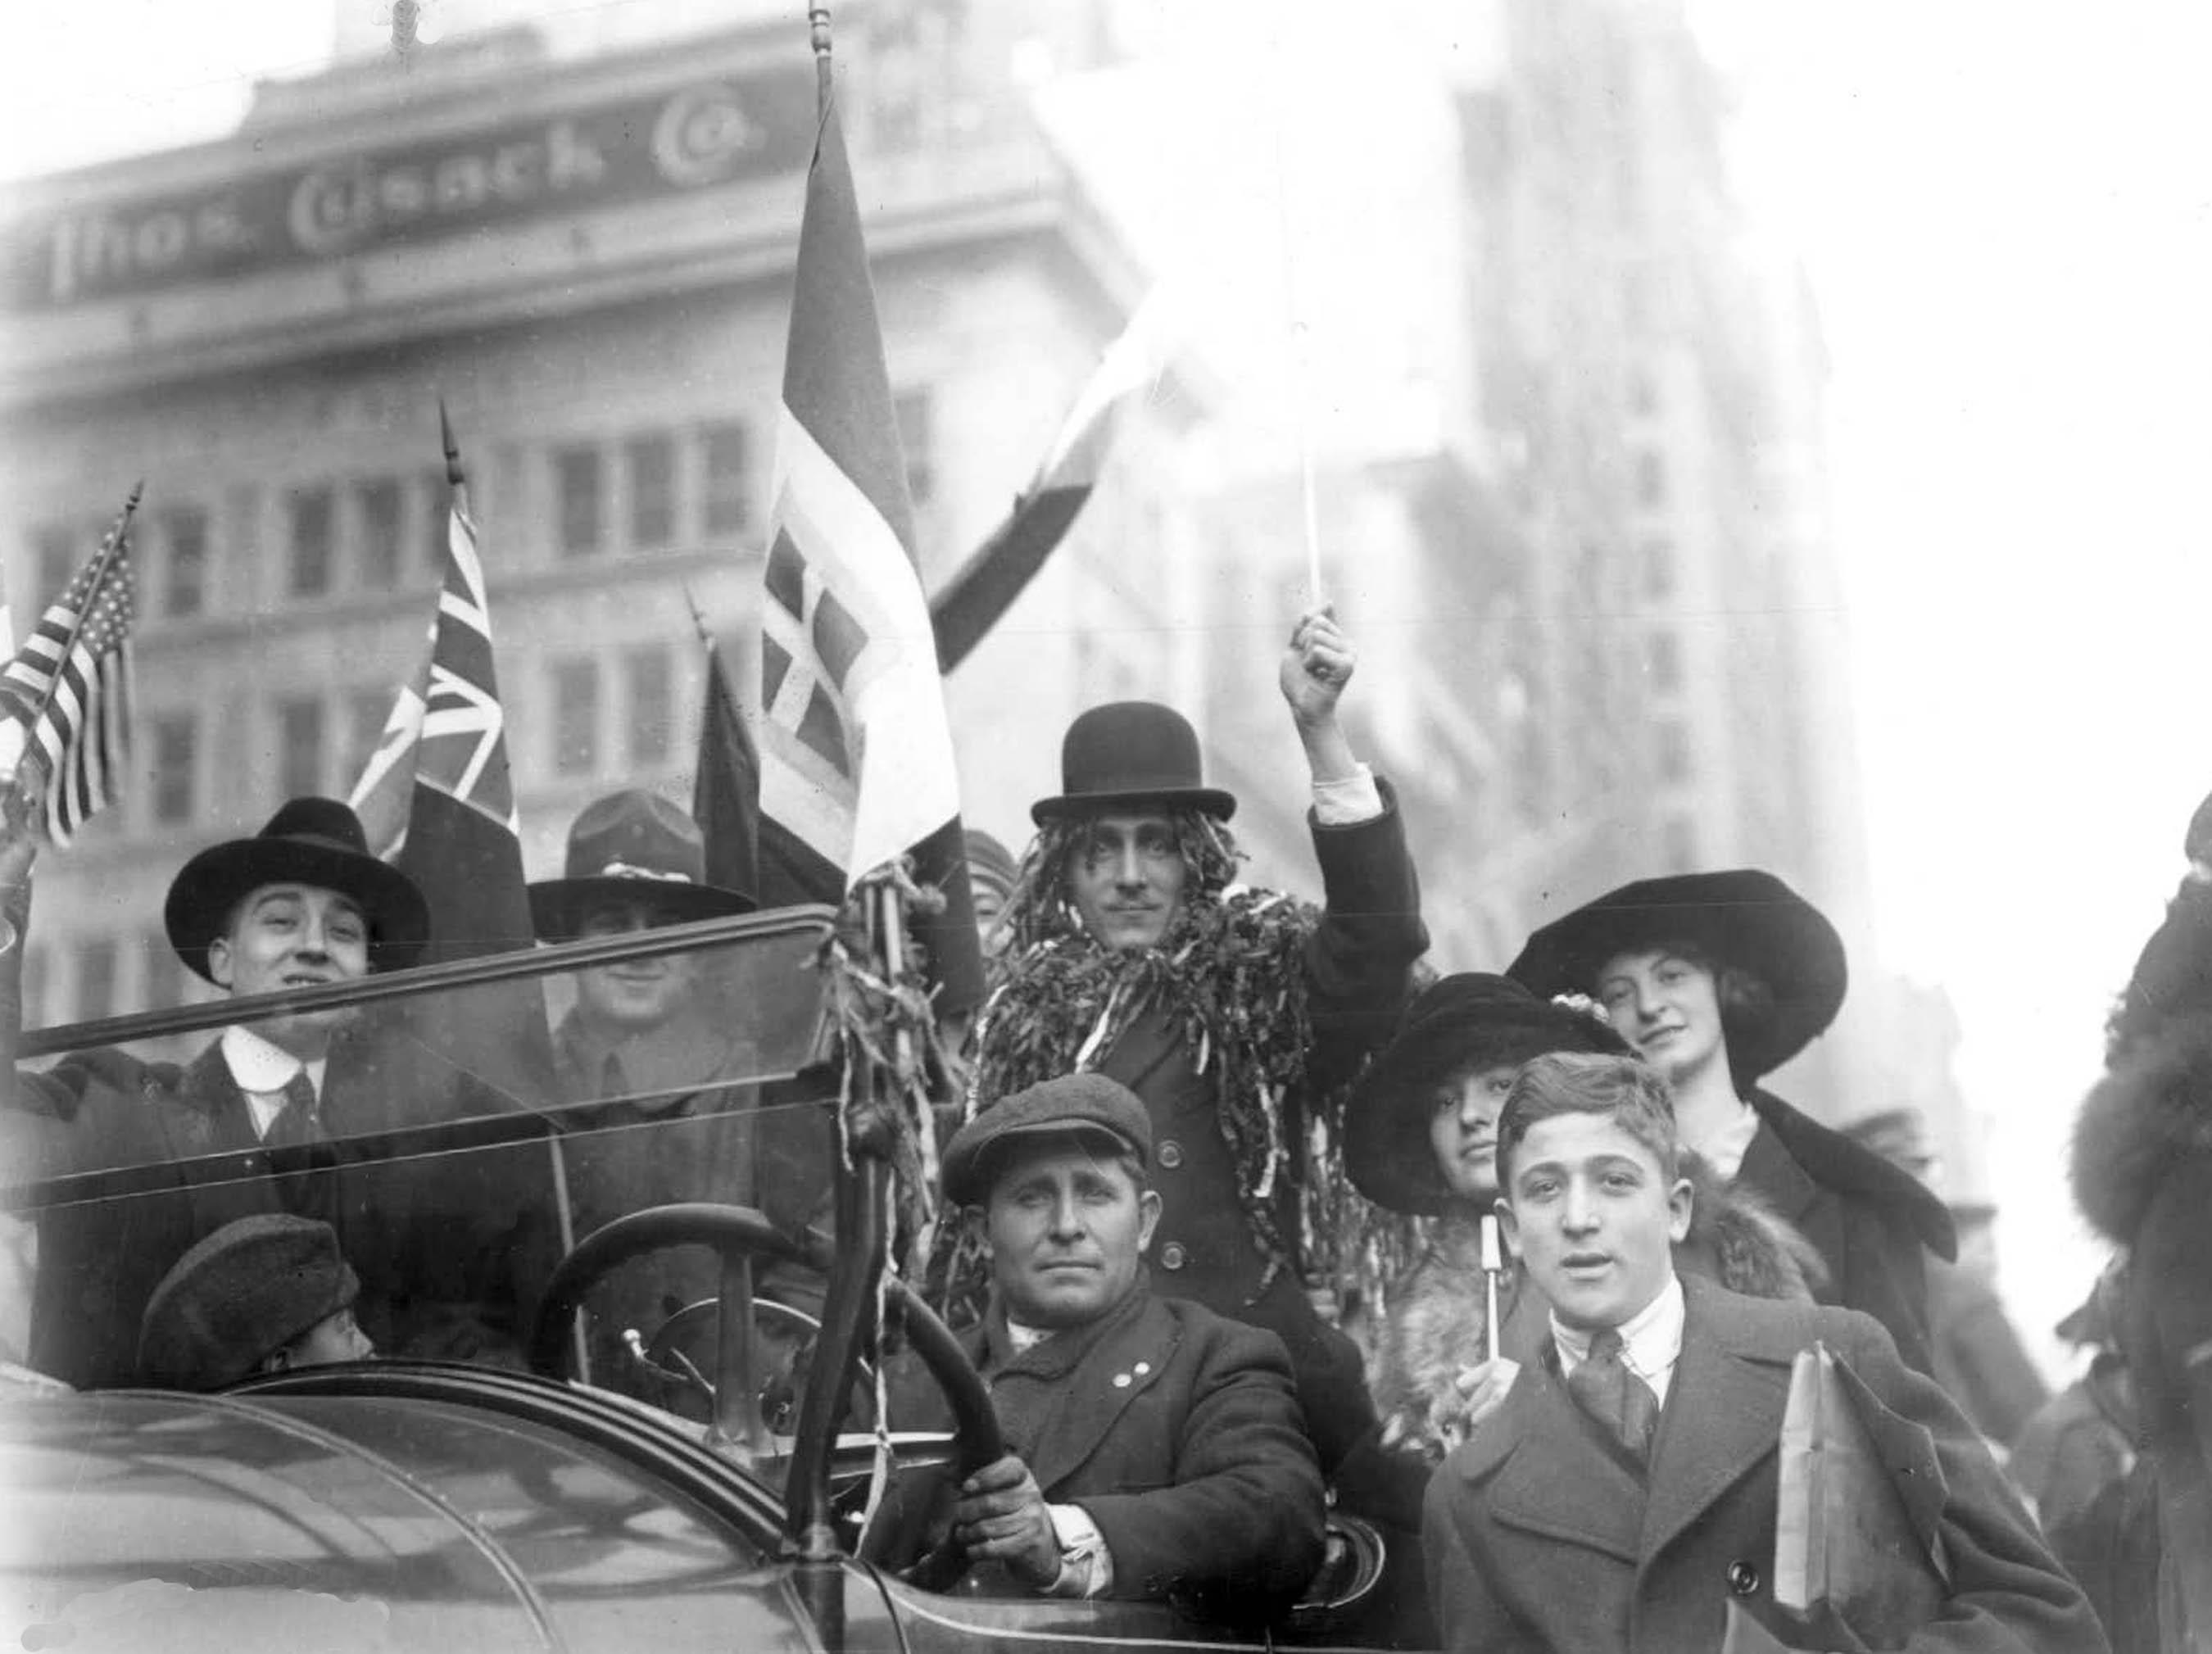 1918年11月11日,这一天是第一次世界大战的「停战纪念日」(Armistice Day),为了向战场上的战士致敬,美国也订这天为退伍军人节(Veterans Day)。图为当时美国民众上街庆祝战争结束的画面。 (美联社)